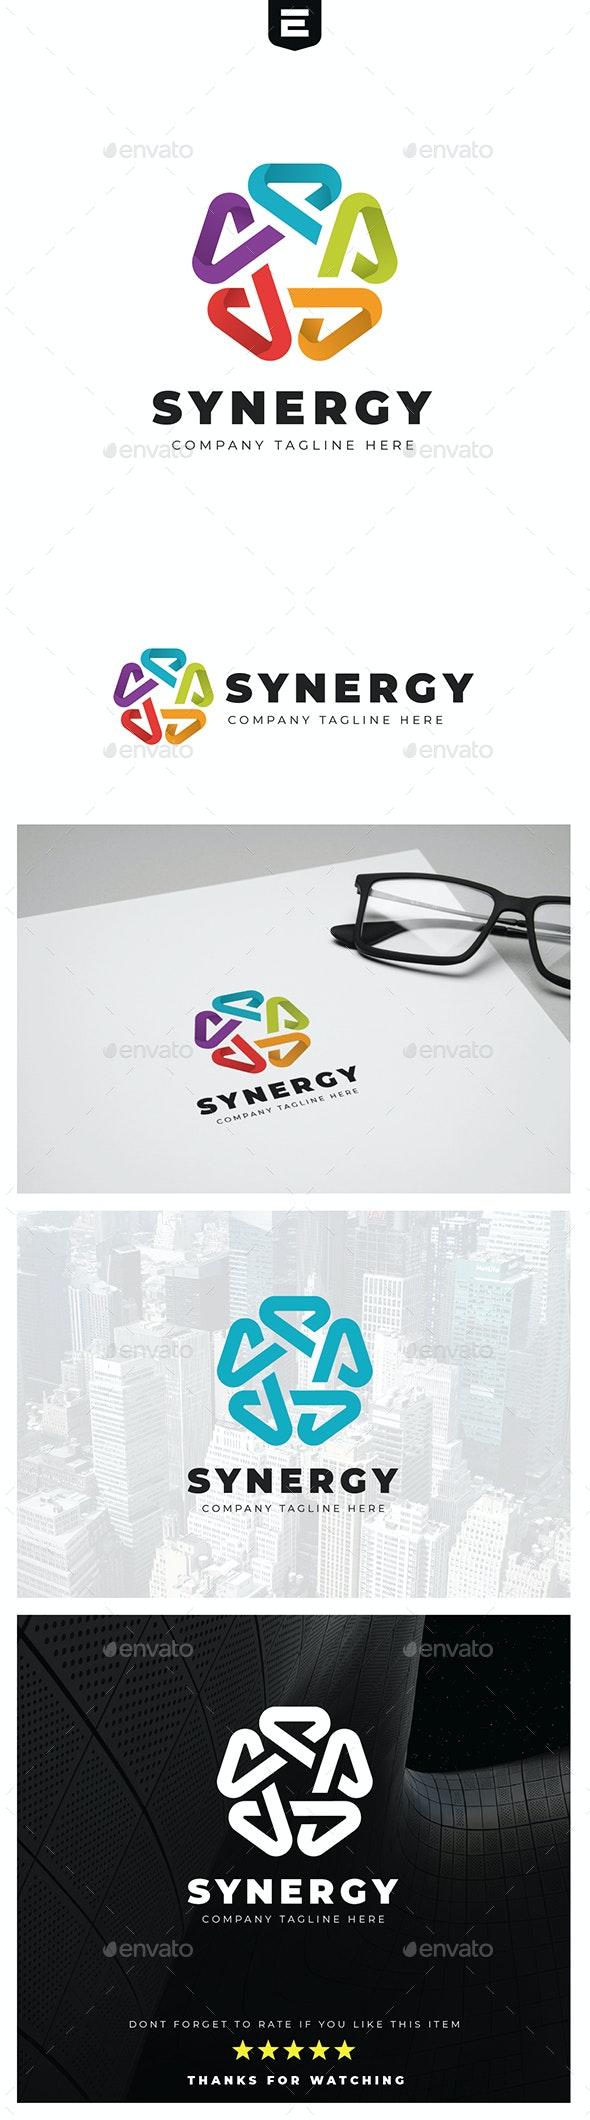 Penta Synergy Logo - Abstract Logo Templates